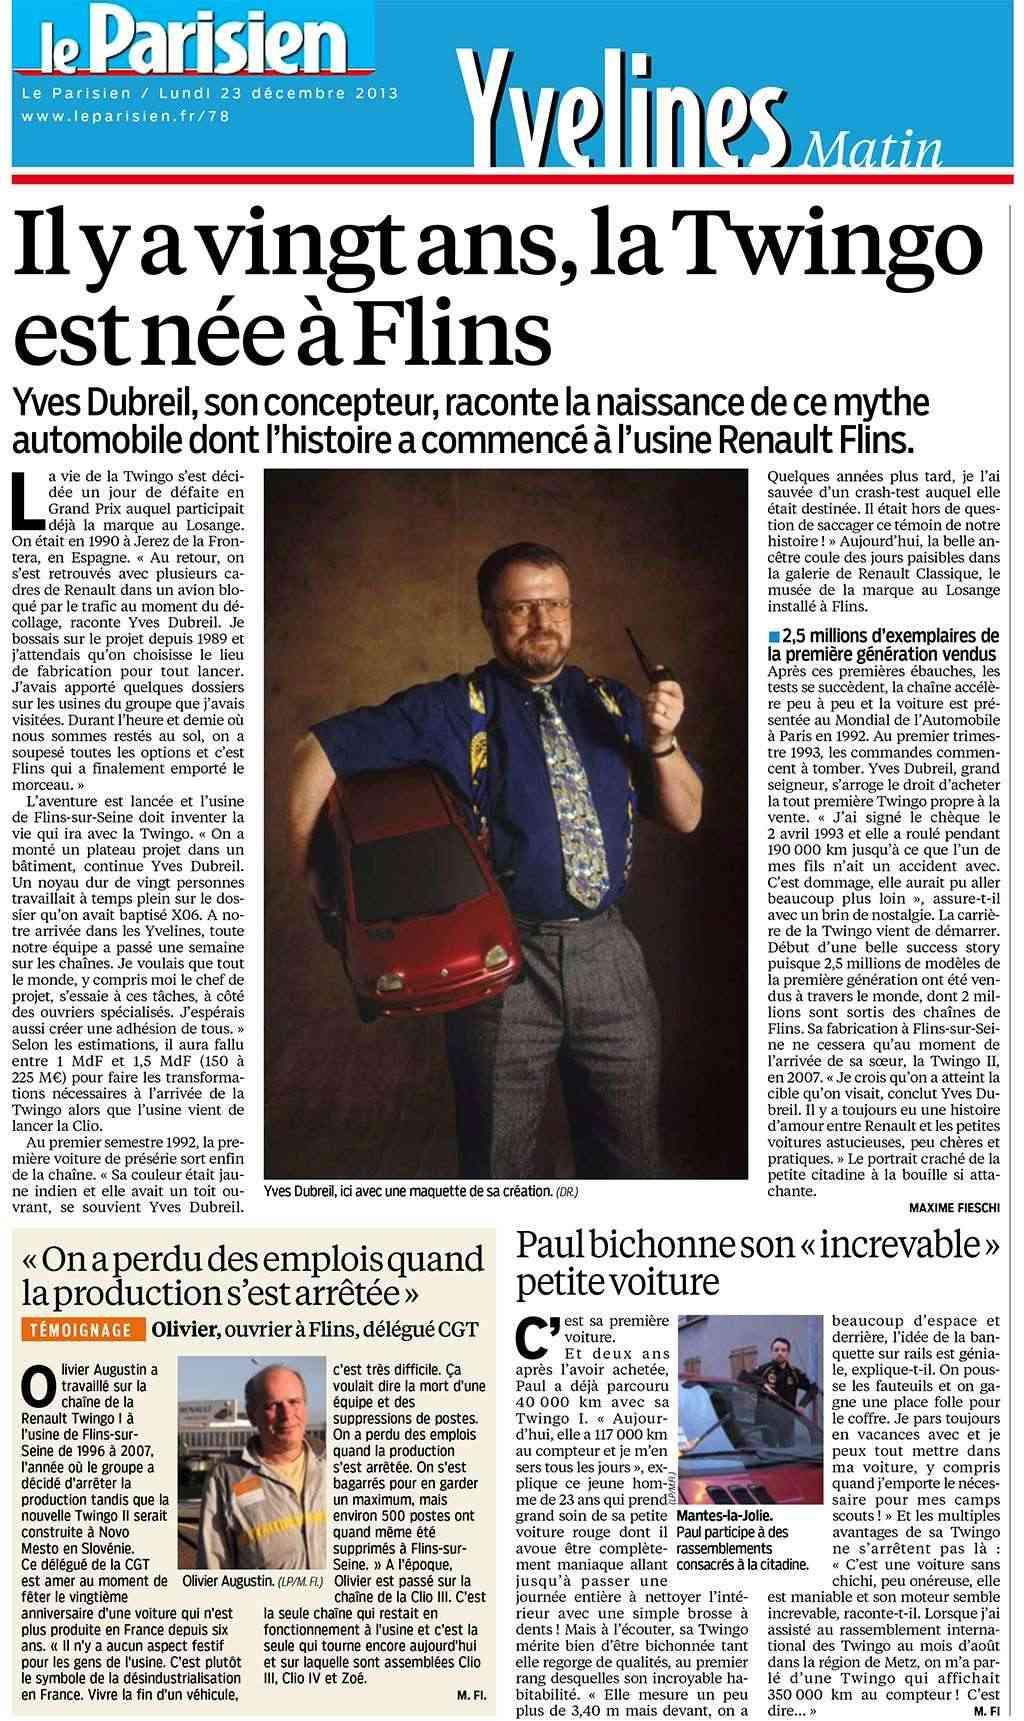 Journal Le Parisien - Page 2 Journa13